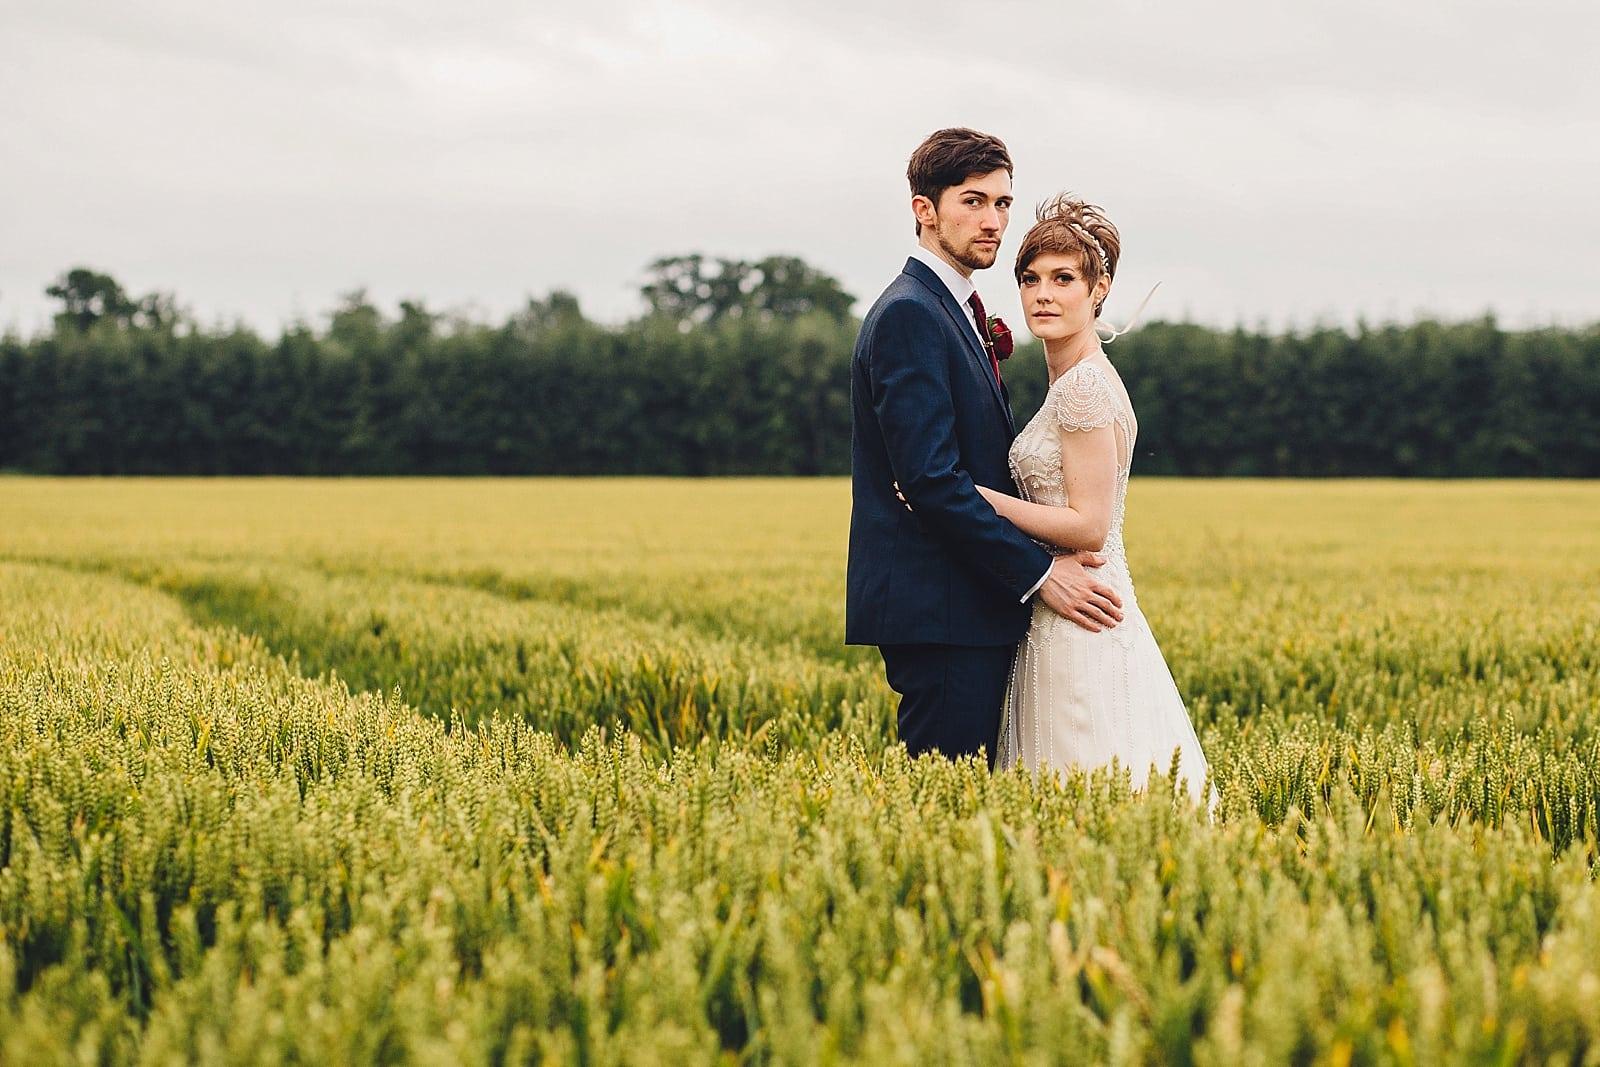 shustoke-barn-wedding-photography_0074